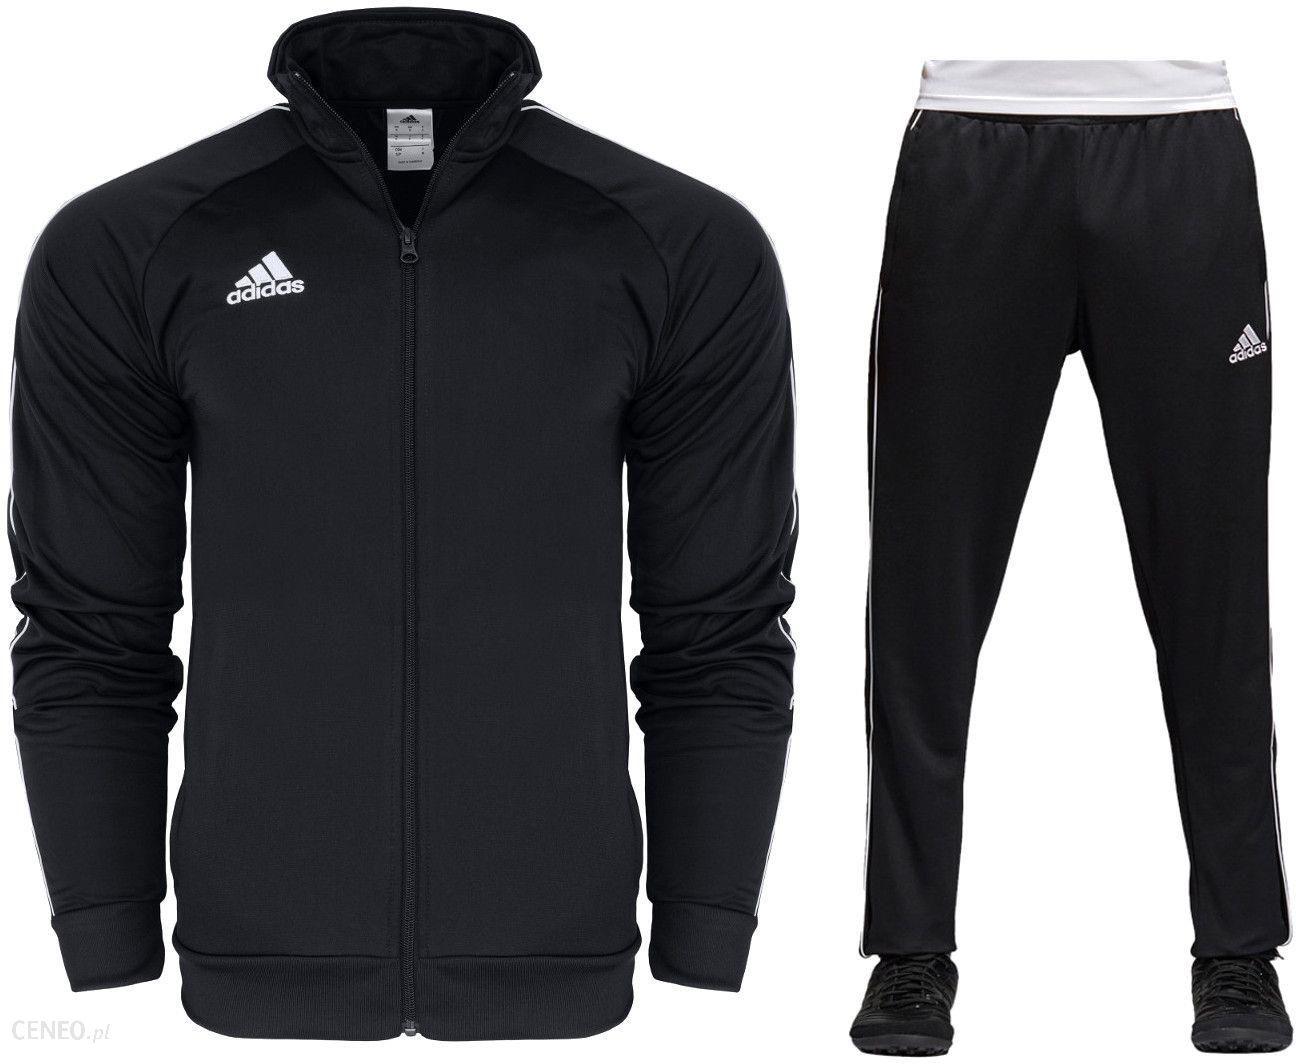 0c6c4419a Adidas Dres Kompletny Męski Spodnie Bluza Core M - Ceny i opinie ...